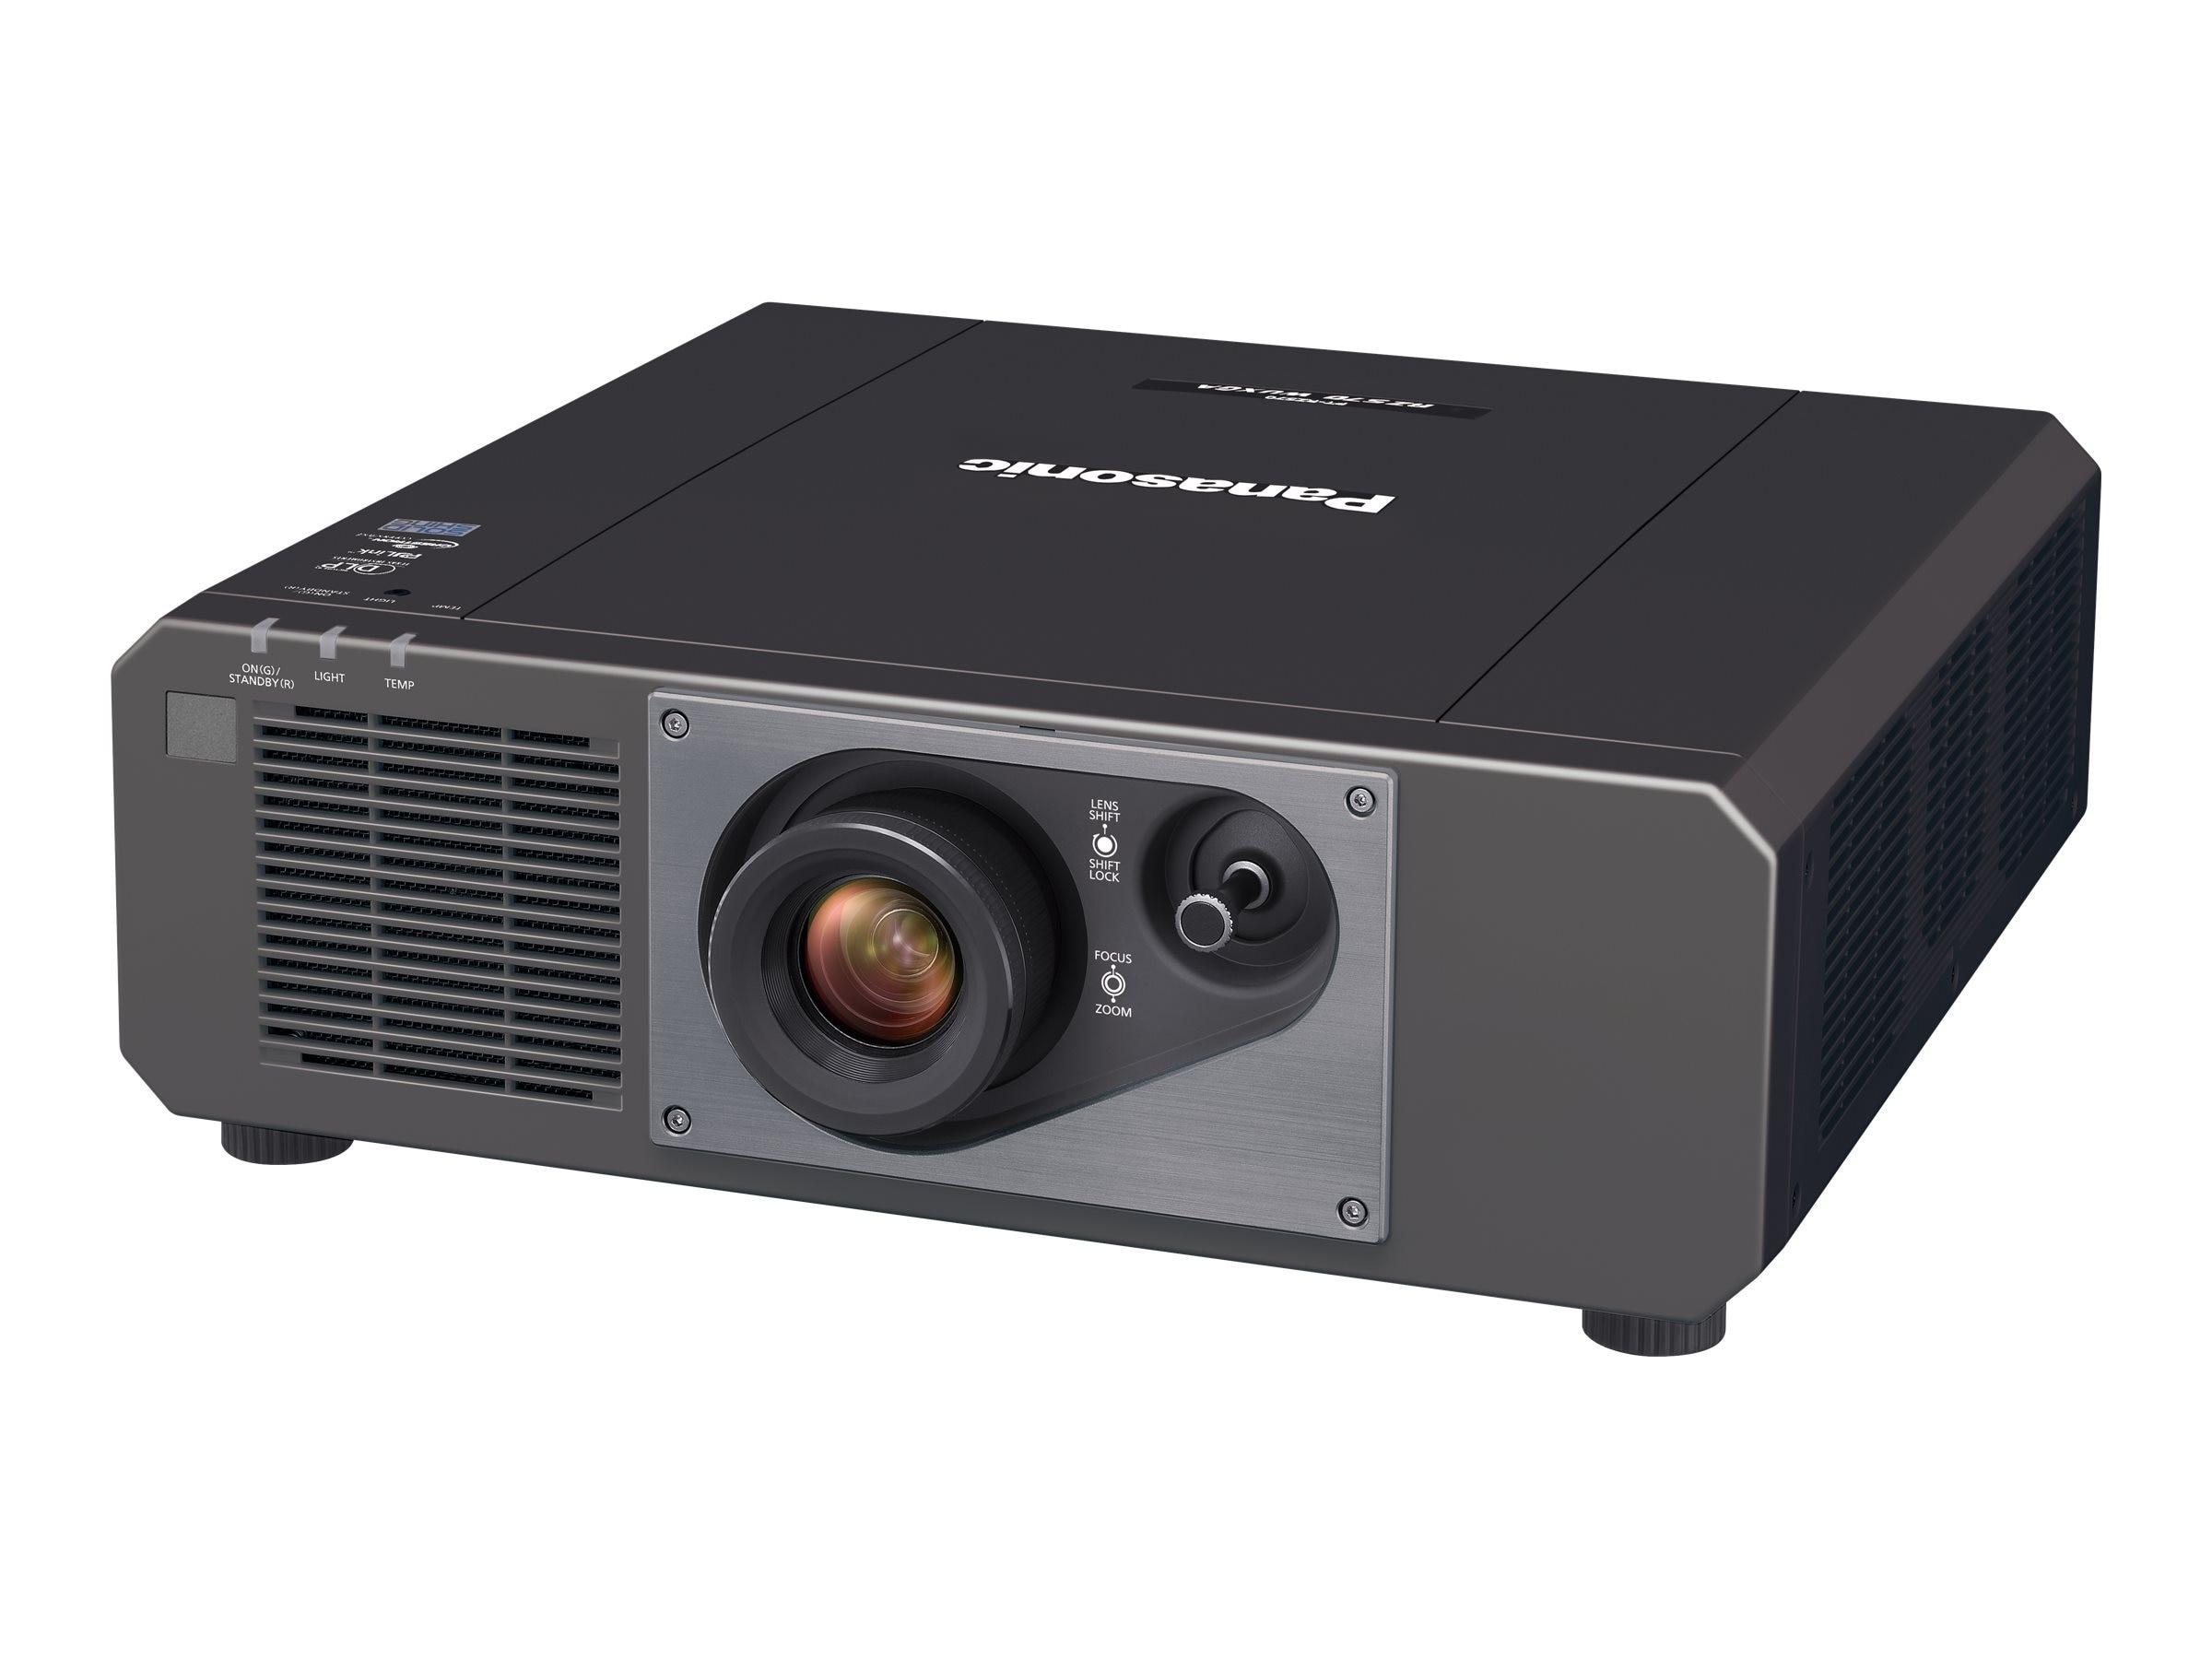 Panasonic PT-RZ570BU WUXGA DLP Projector, 5000 Lumens, Black